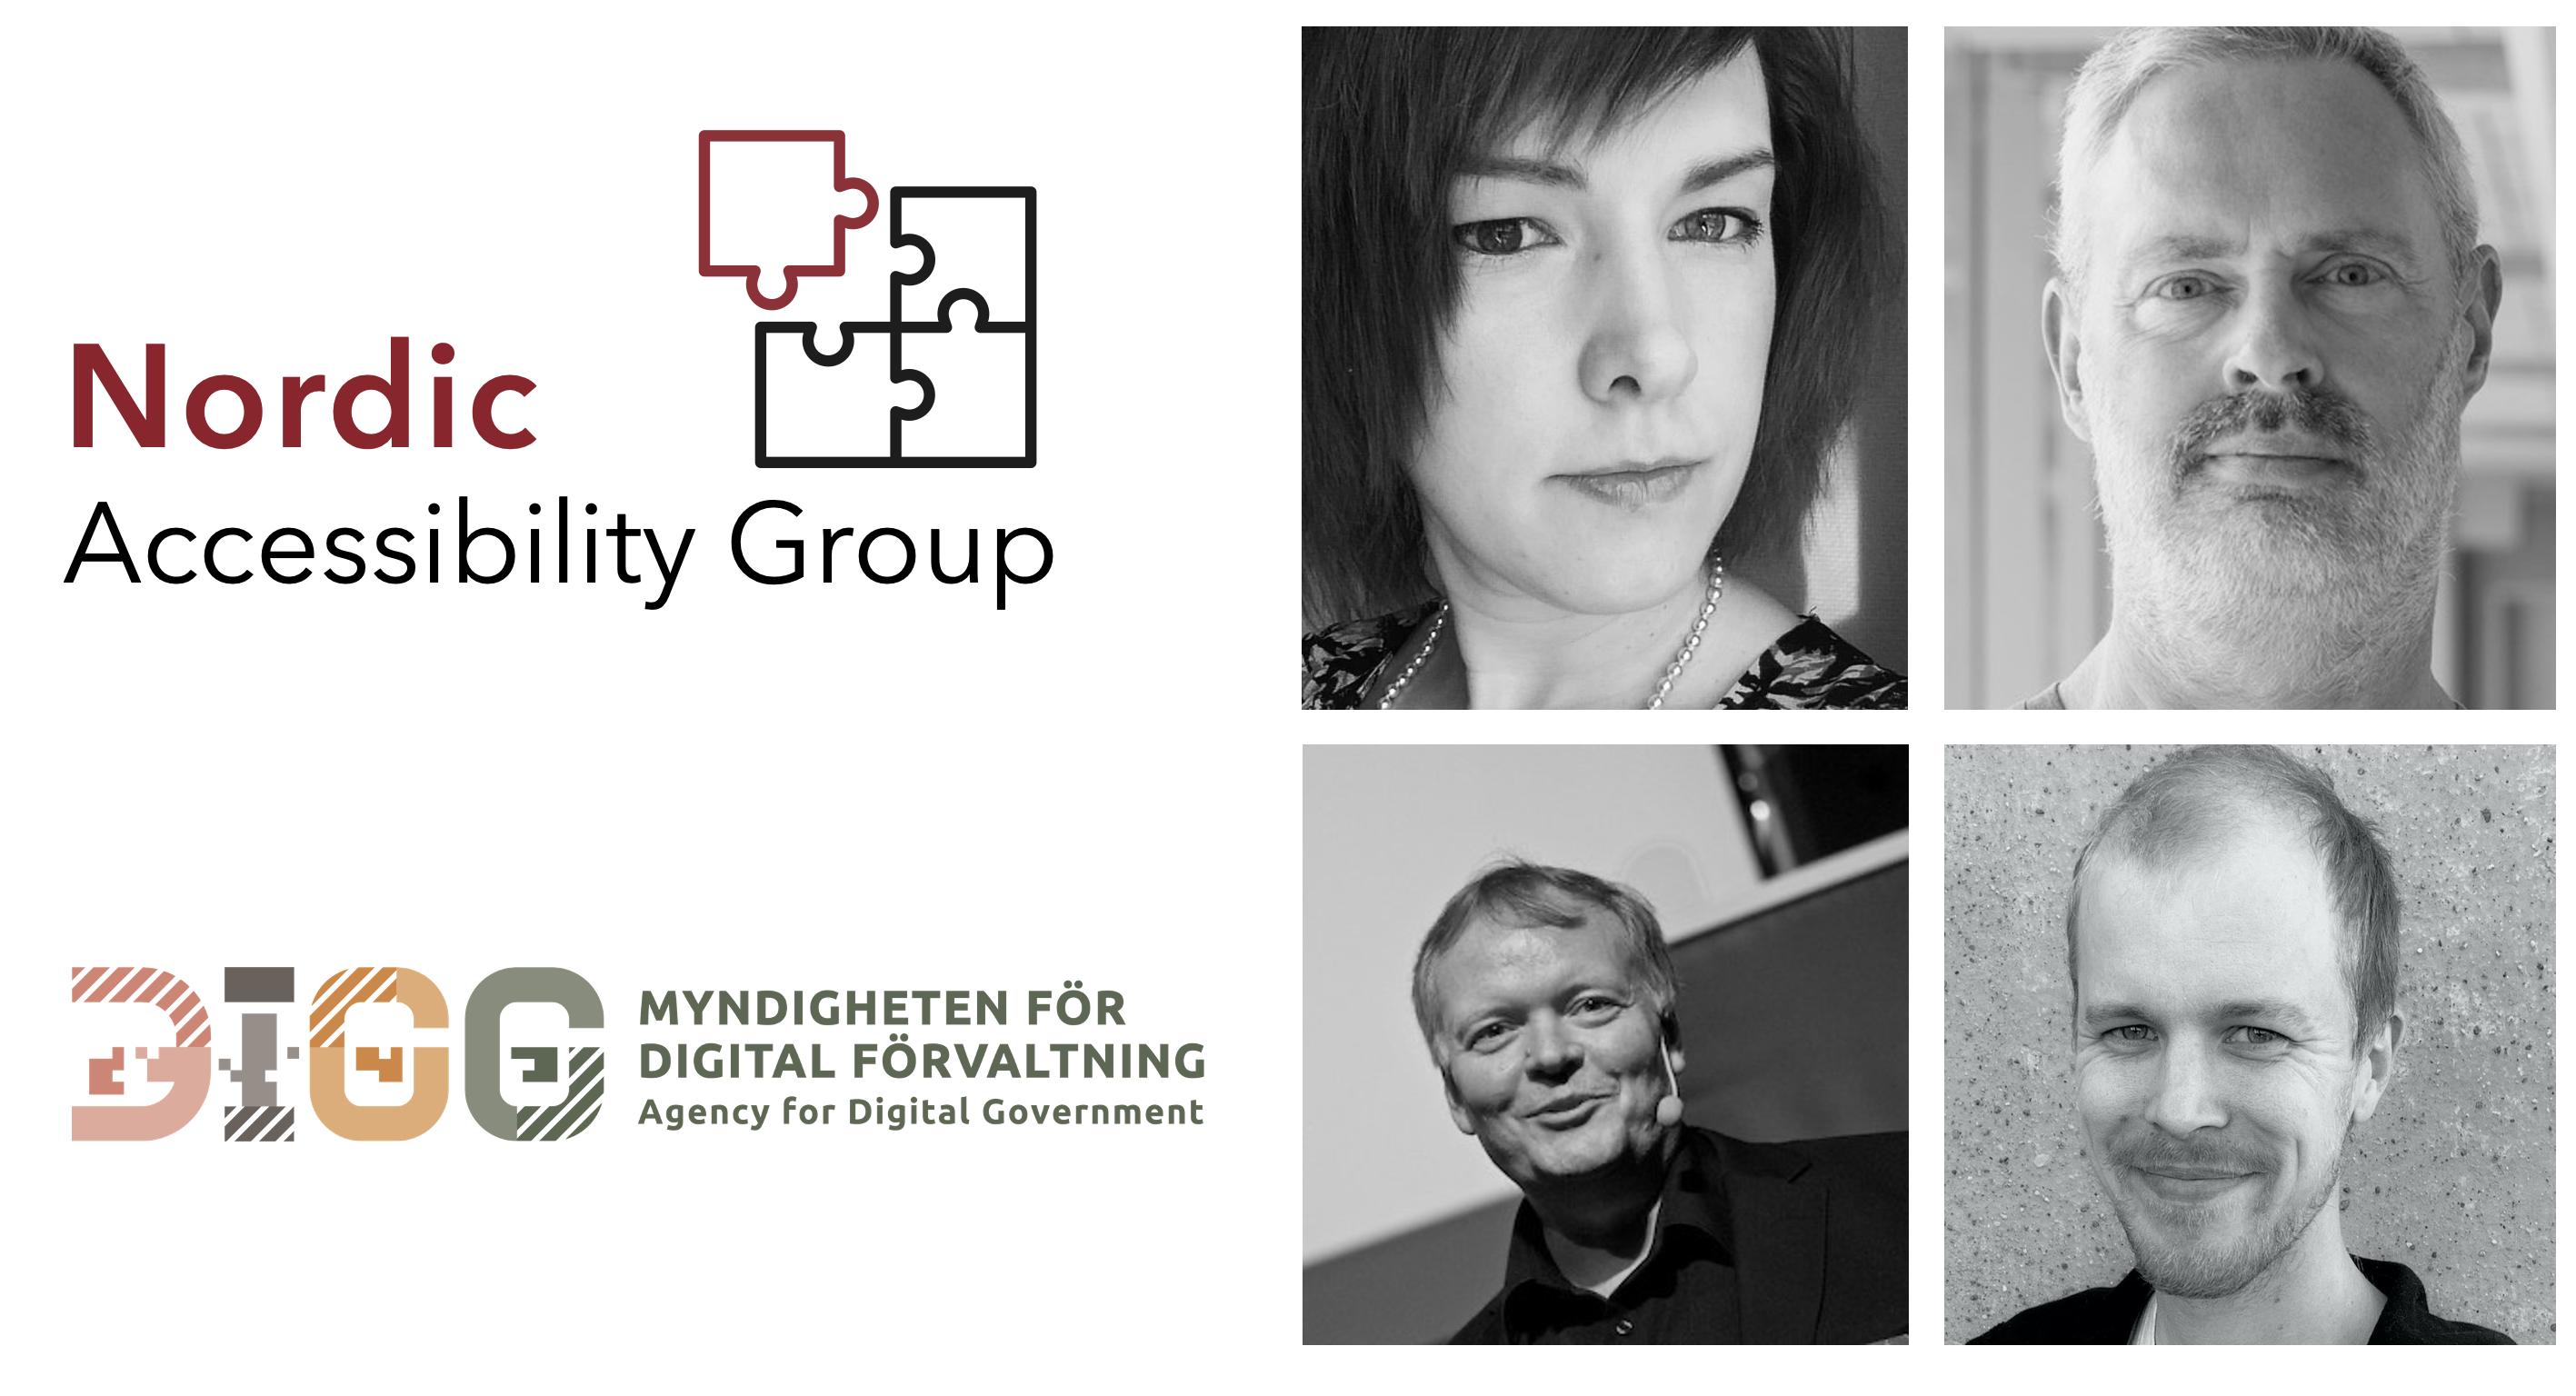 DIGG och Nordic Accessibility Groups logotyper samt bilder på experterna, Sandra Eriksson, Tommy Olsson, Stefan Johansson och Hampus Sethfors